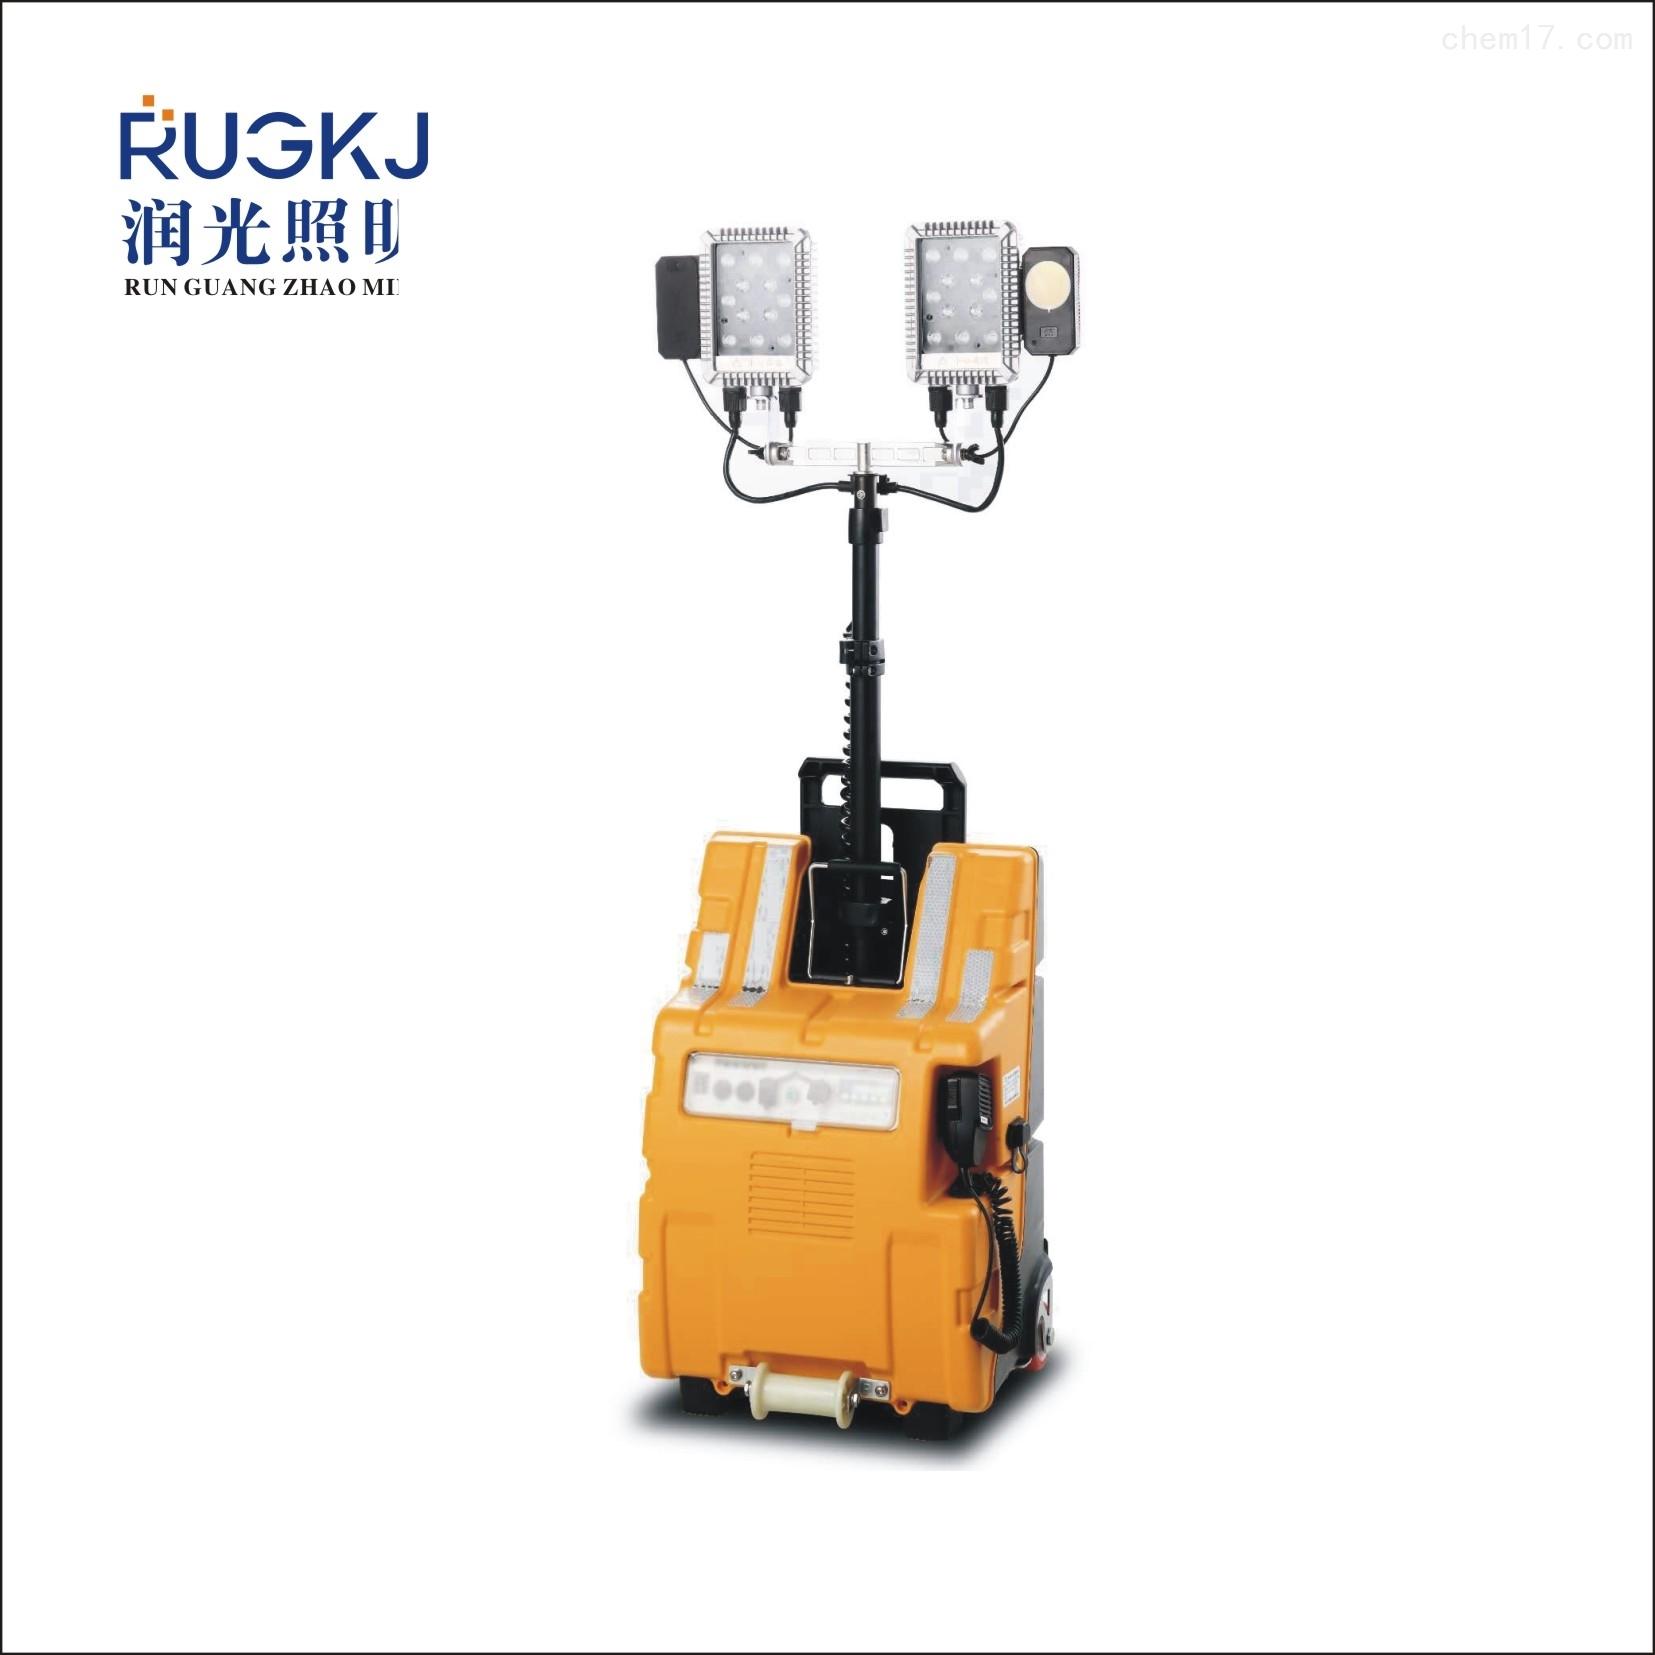 润光照明-FW6128 多功能移动照明系统